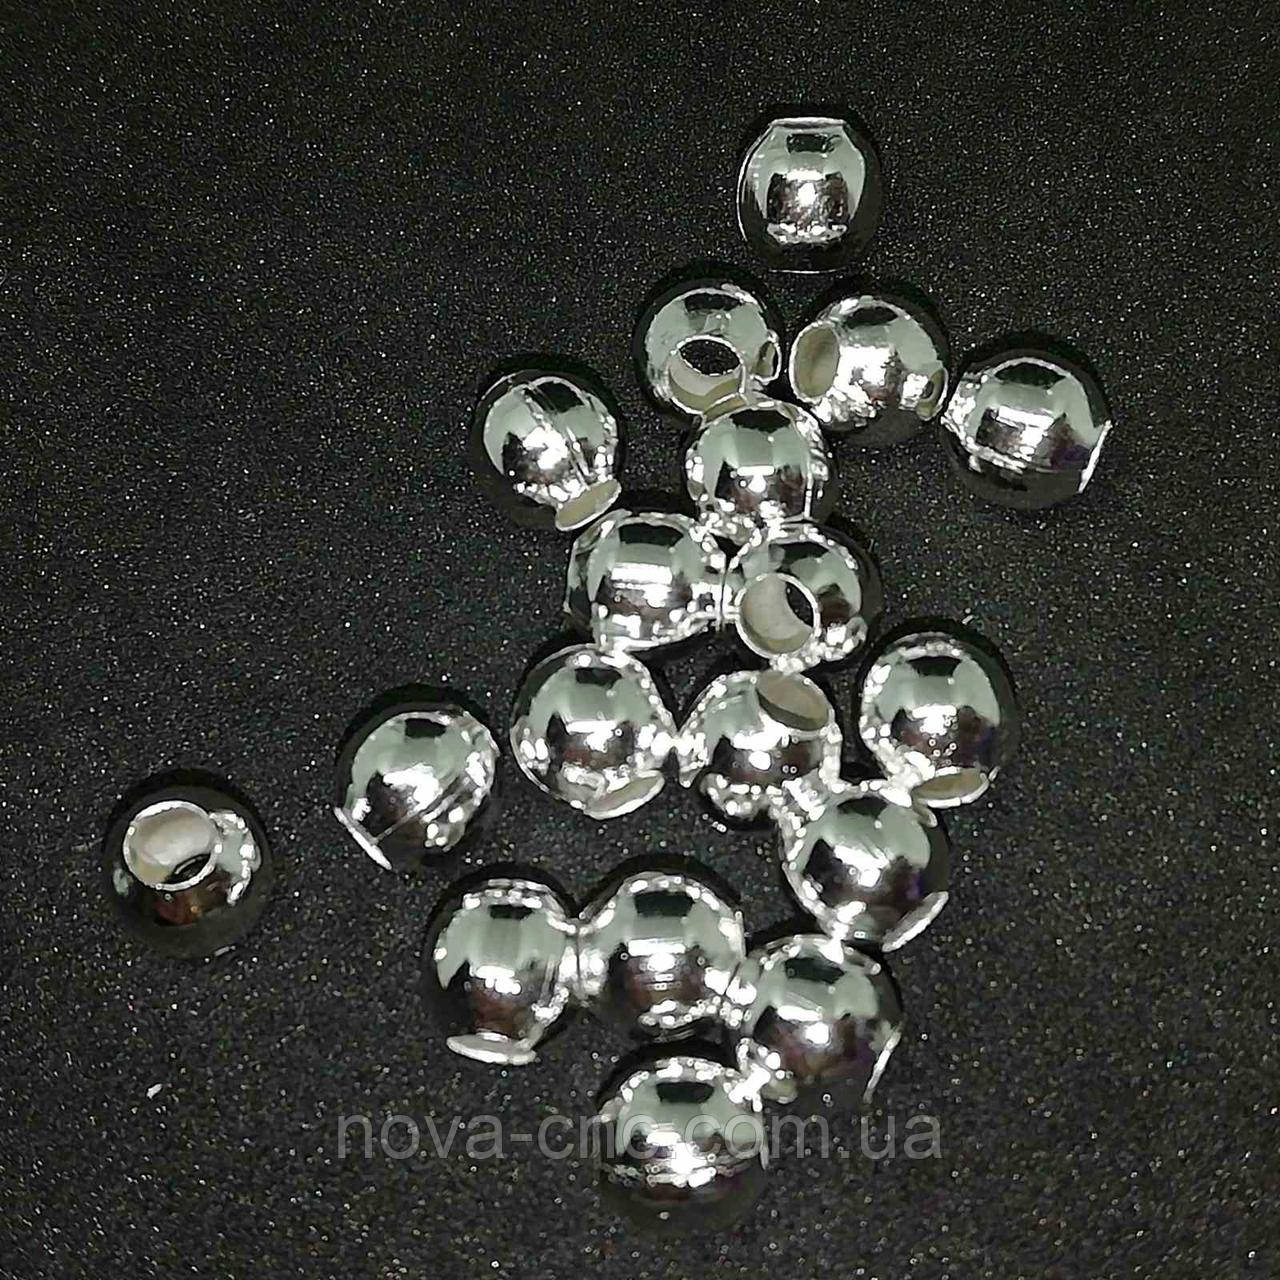 Бусины-переходники  металл  серебро 3 мм 1000 шт